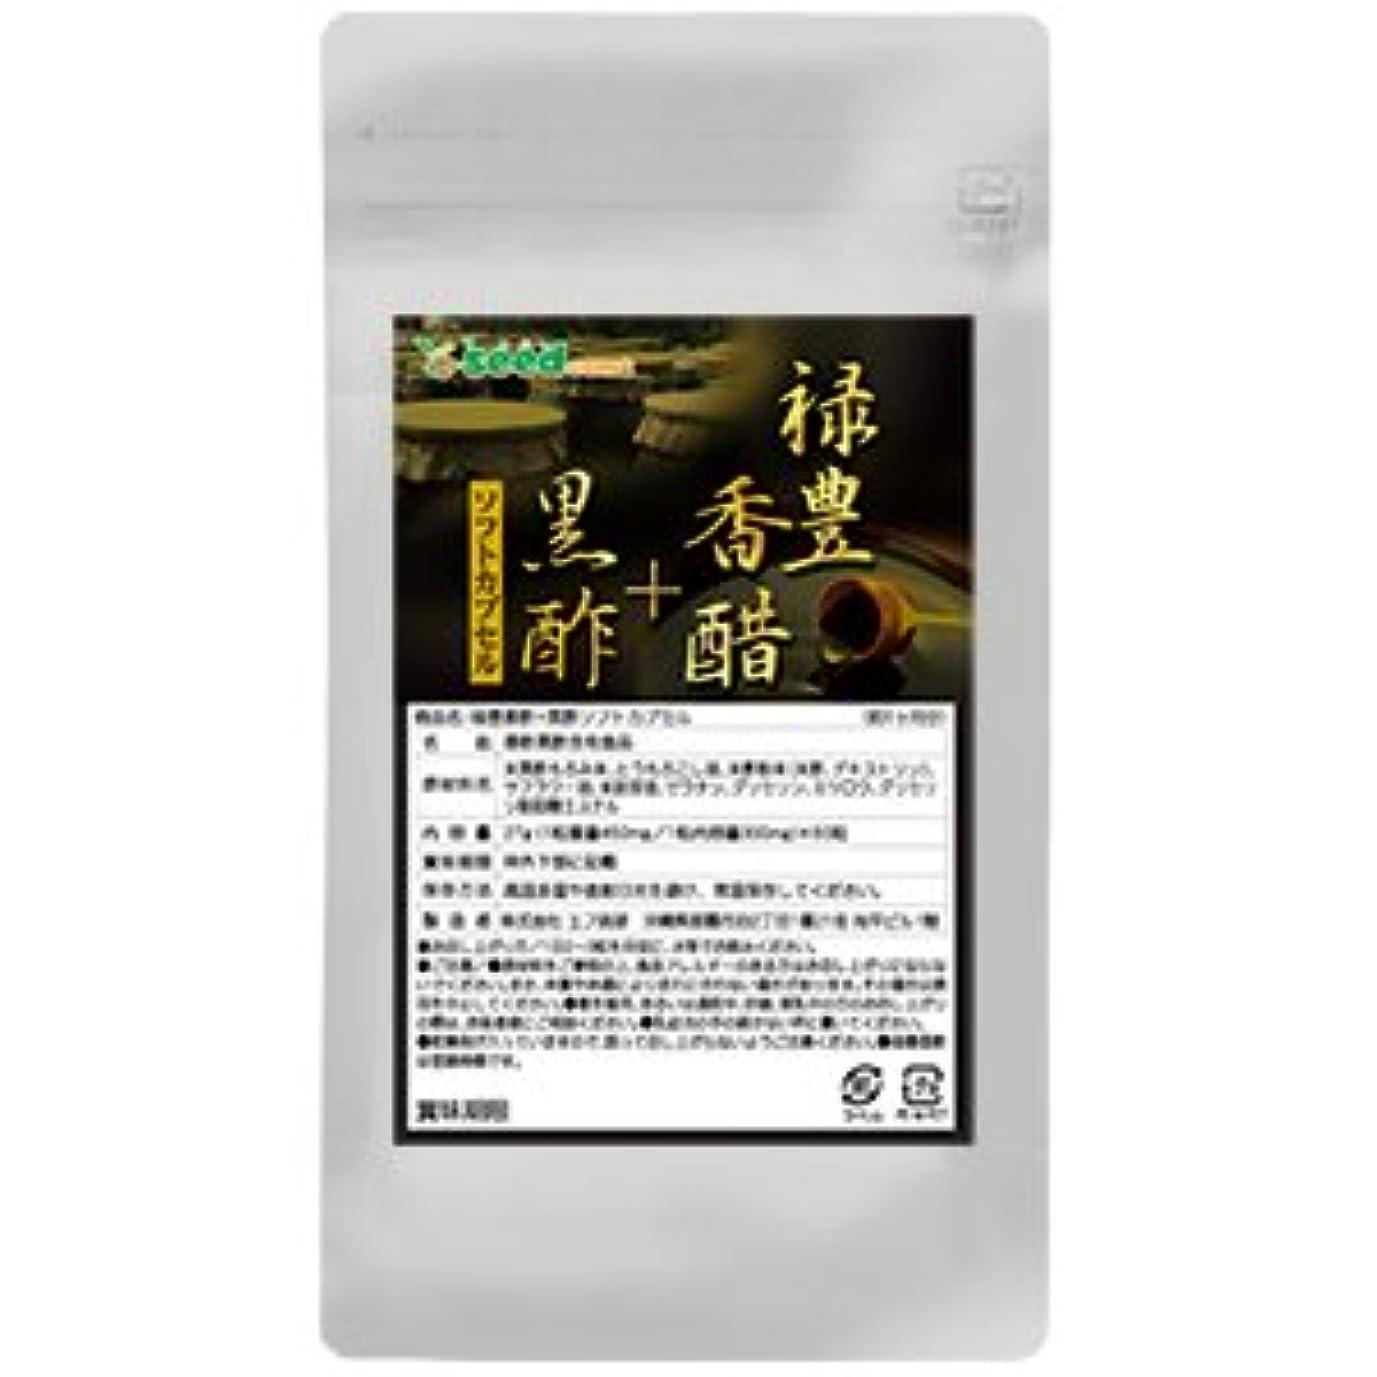 救い強制軽蔑禄豊 香酢 + 黒酢 ソフトカプセル (約3ヶ月分/180粒)